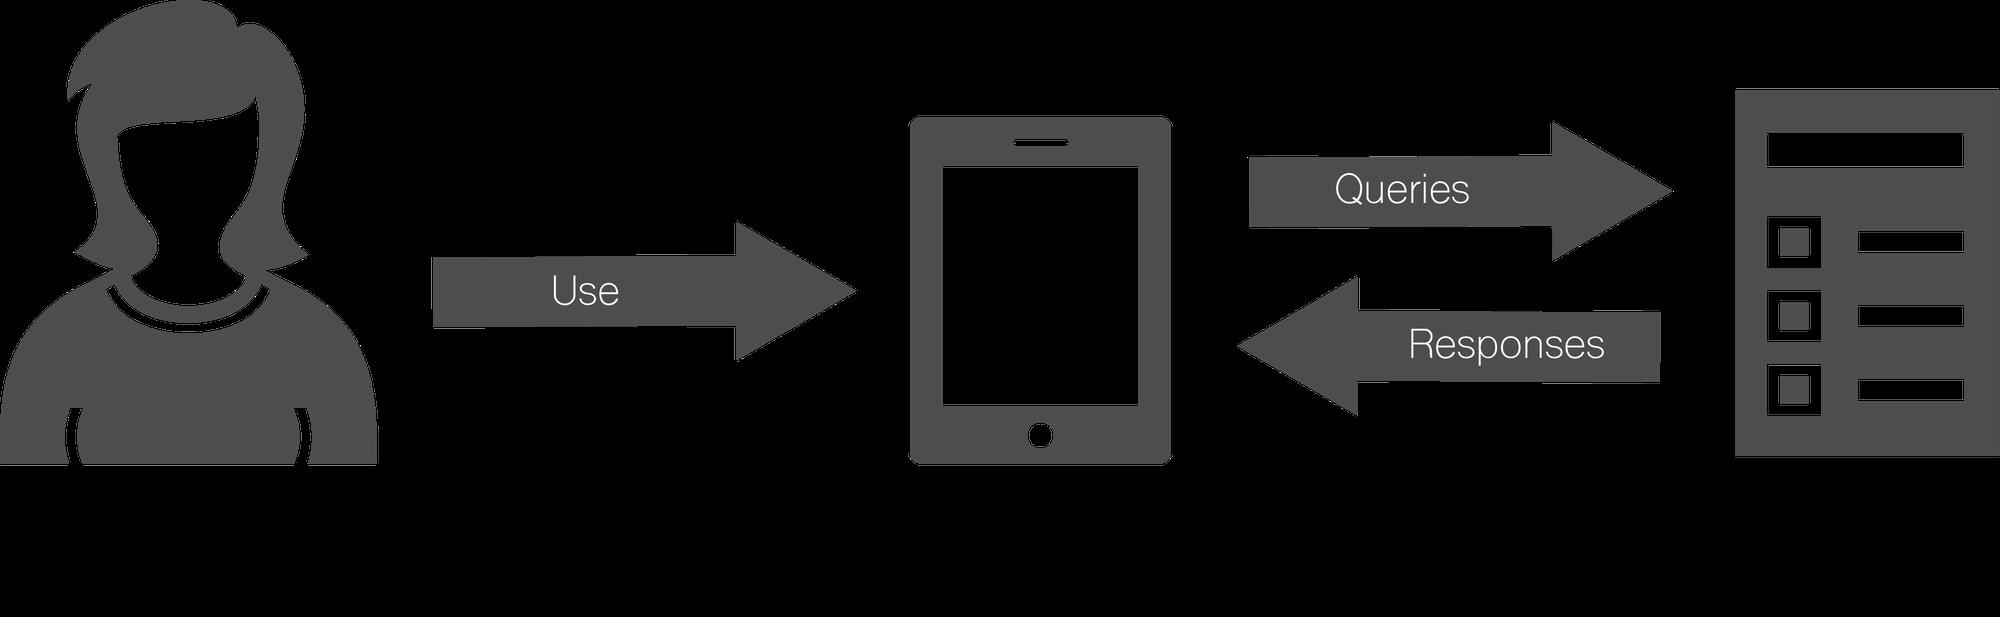 Tìm hiểu về mối liên hệ giữa API và Cloud storage - Ảnh 2.